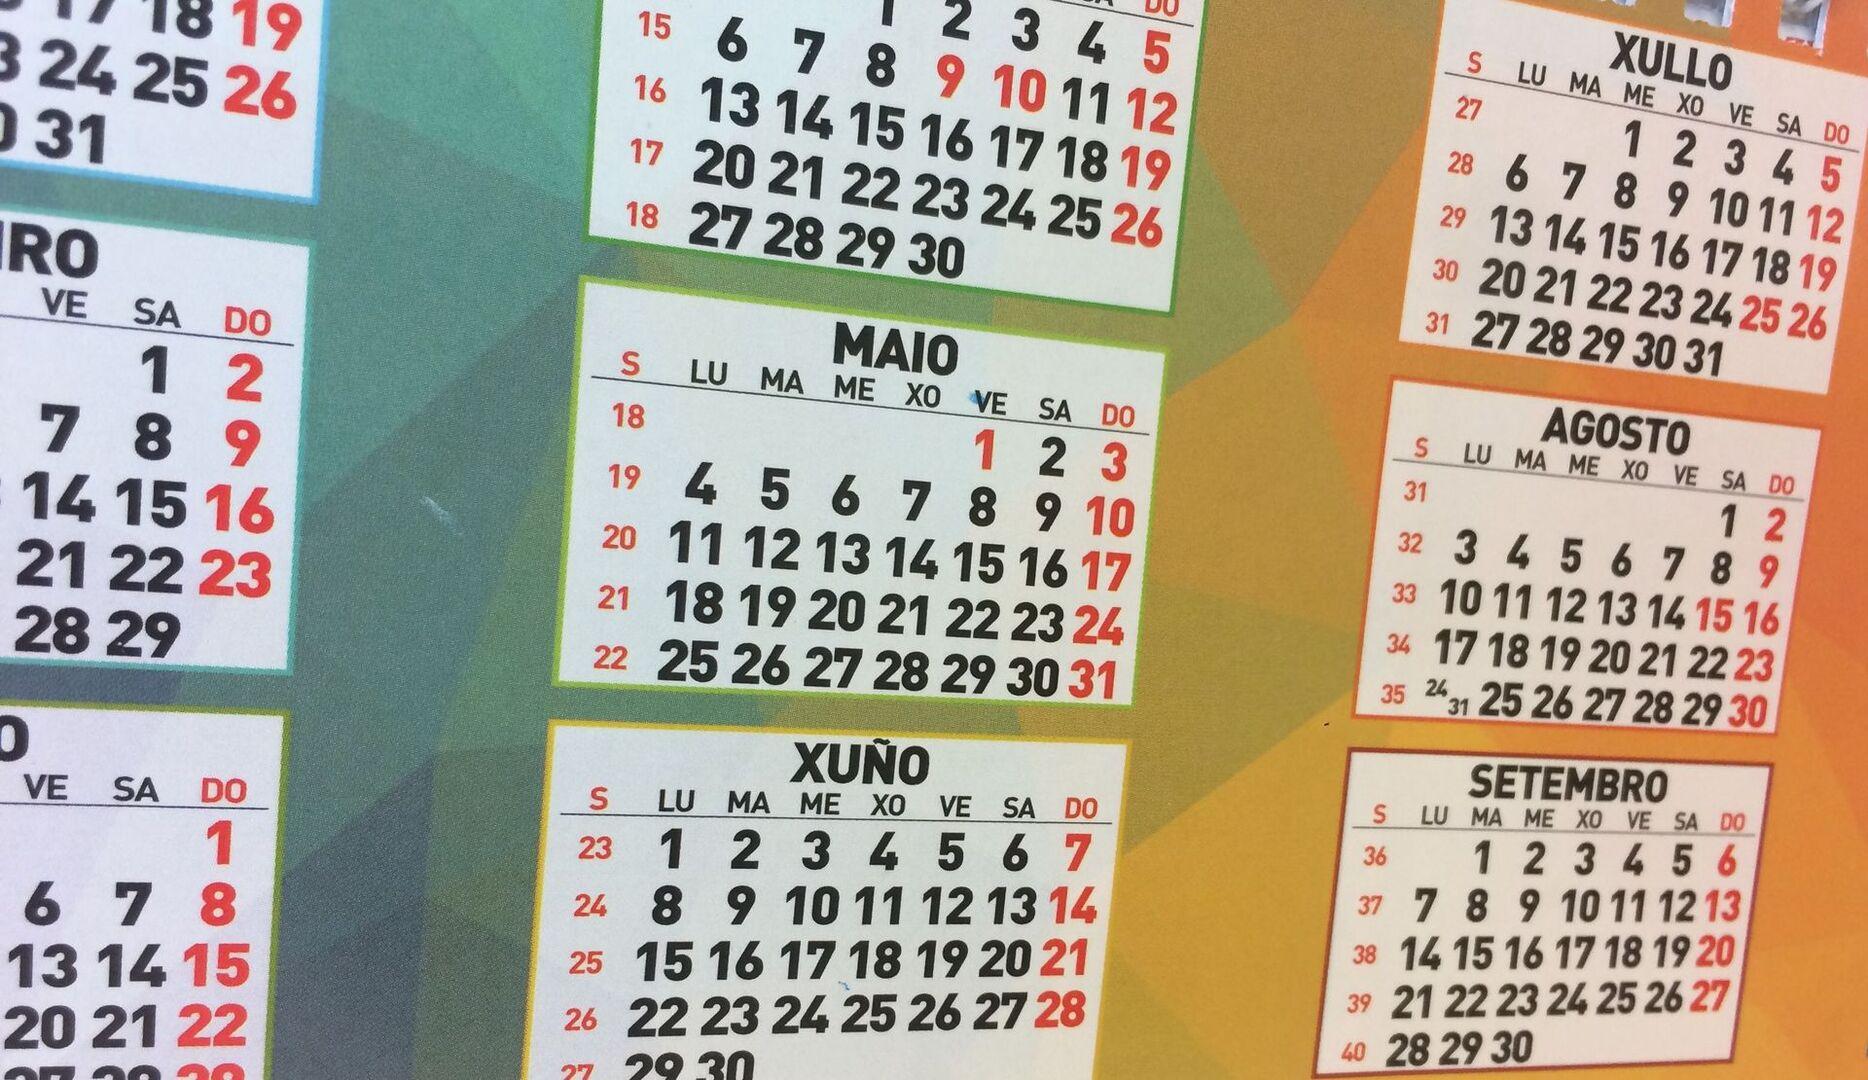 Calendario Laboral Castilla Y Leon 2020.Publicado Este Viernes El Calendario Laboral Para El 2020 En El